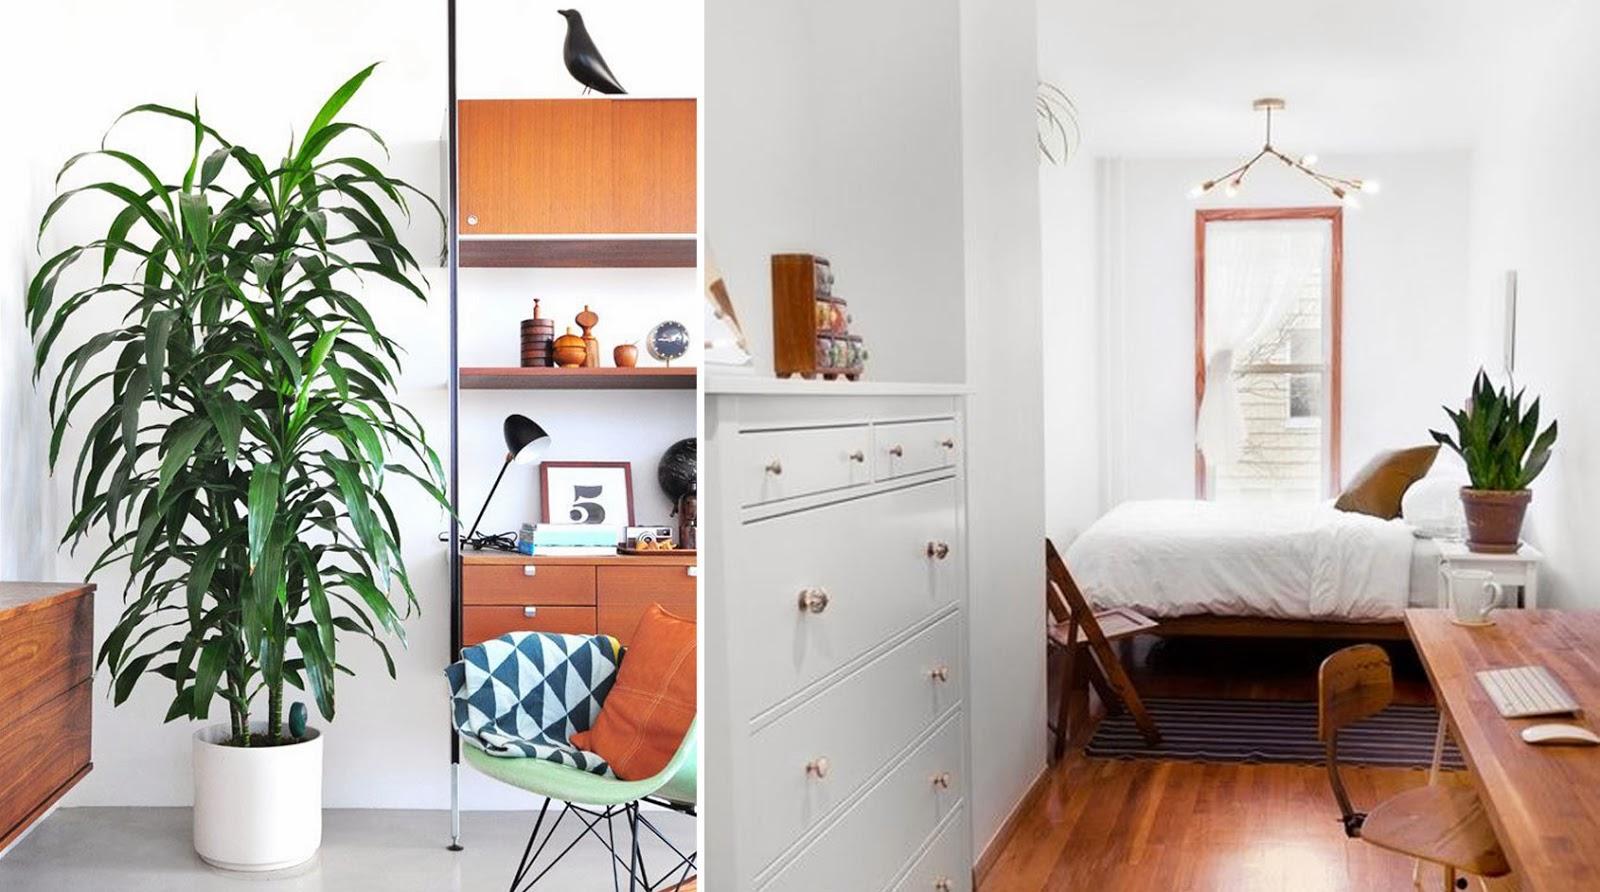 habitaciones con plantas_ameiseblog